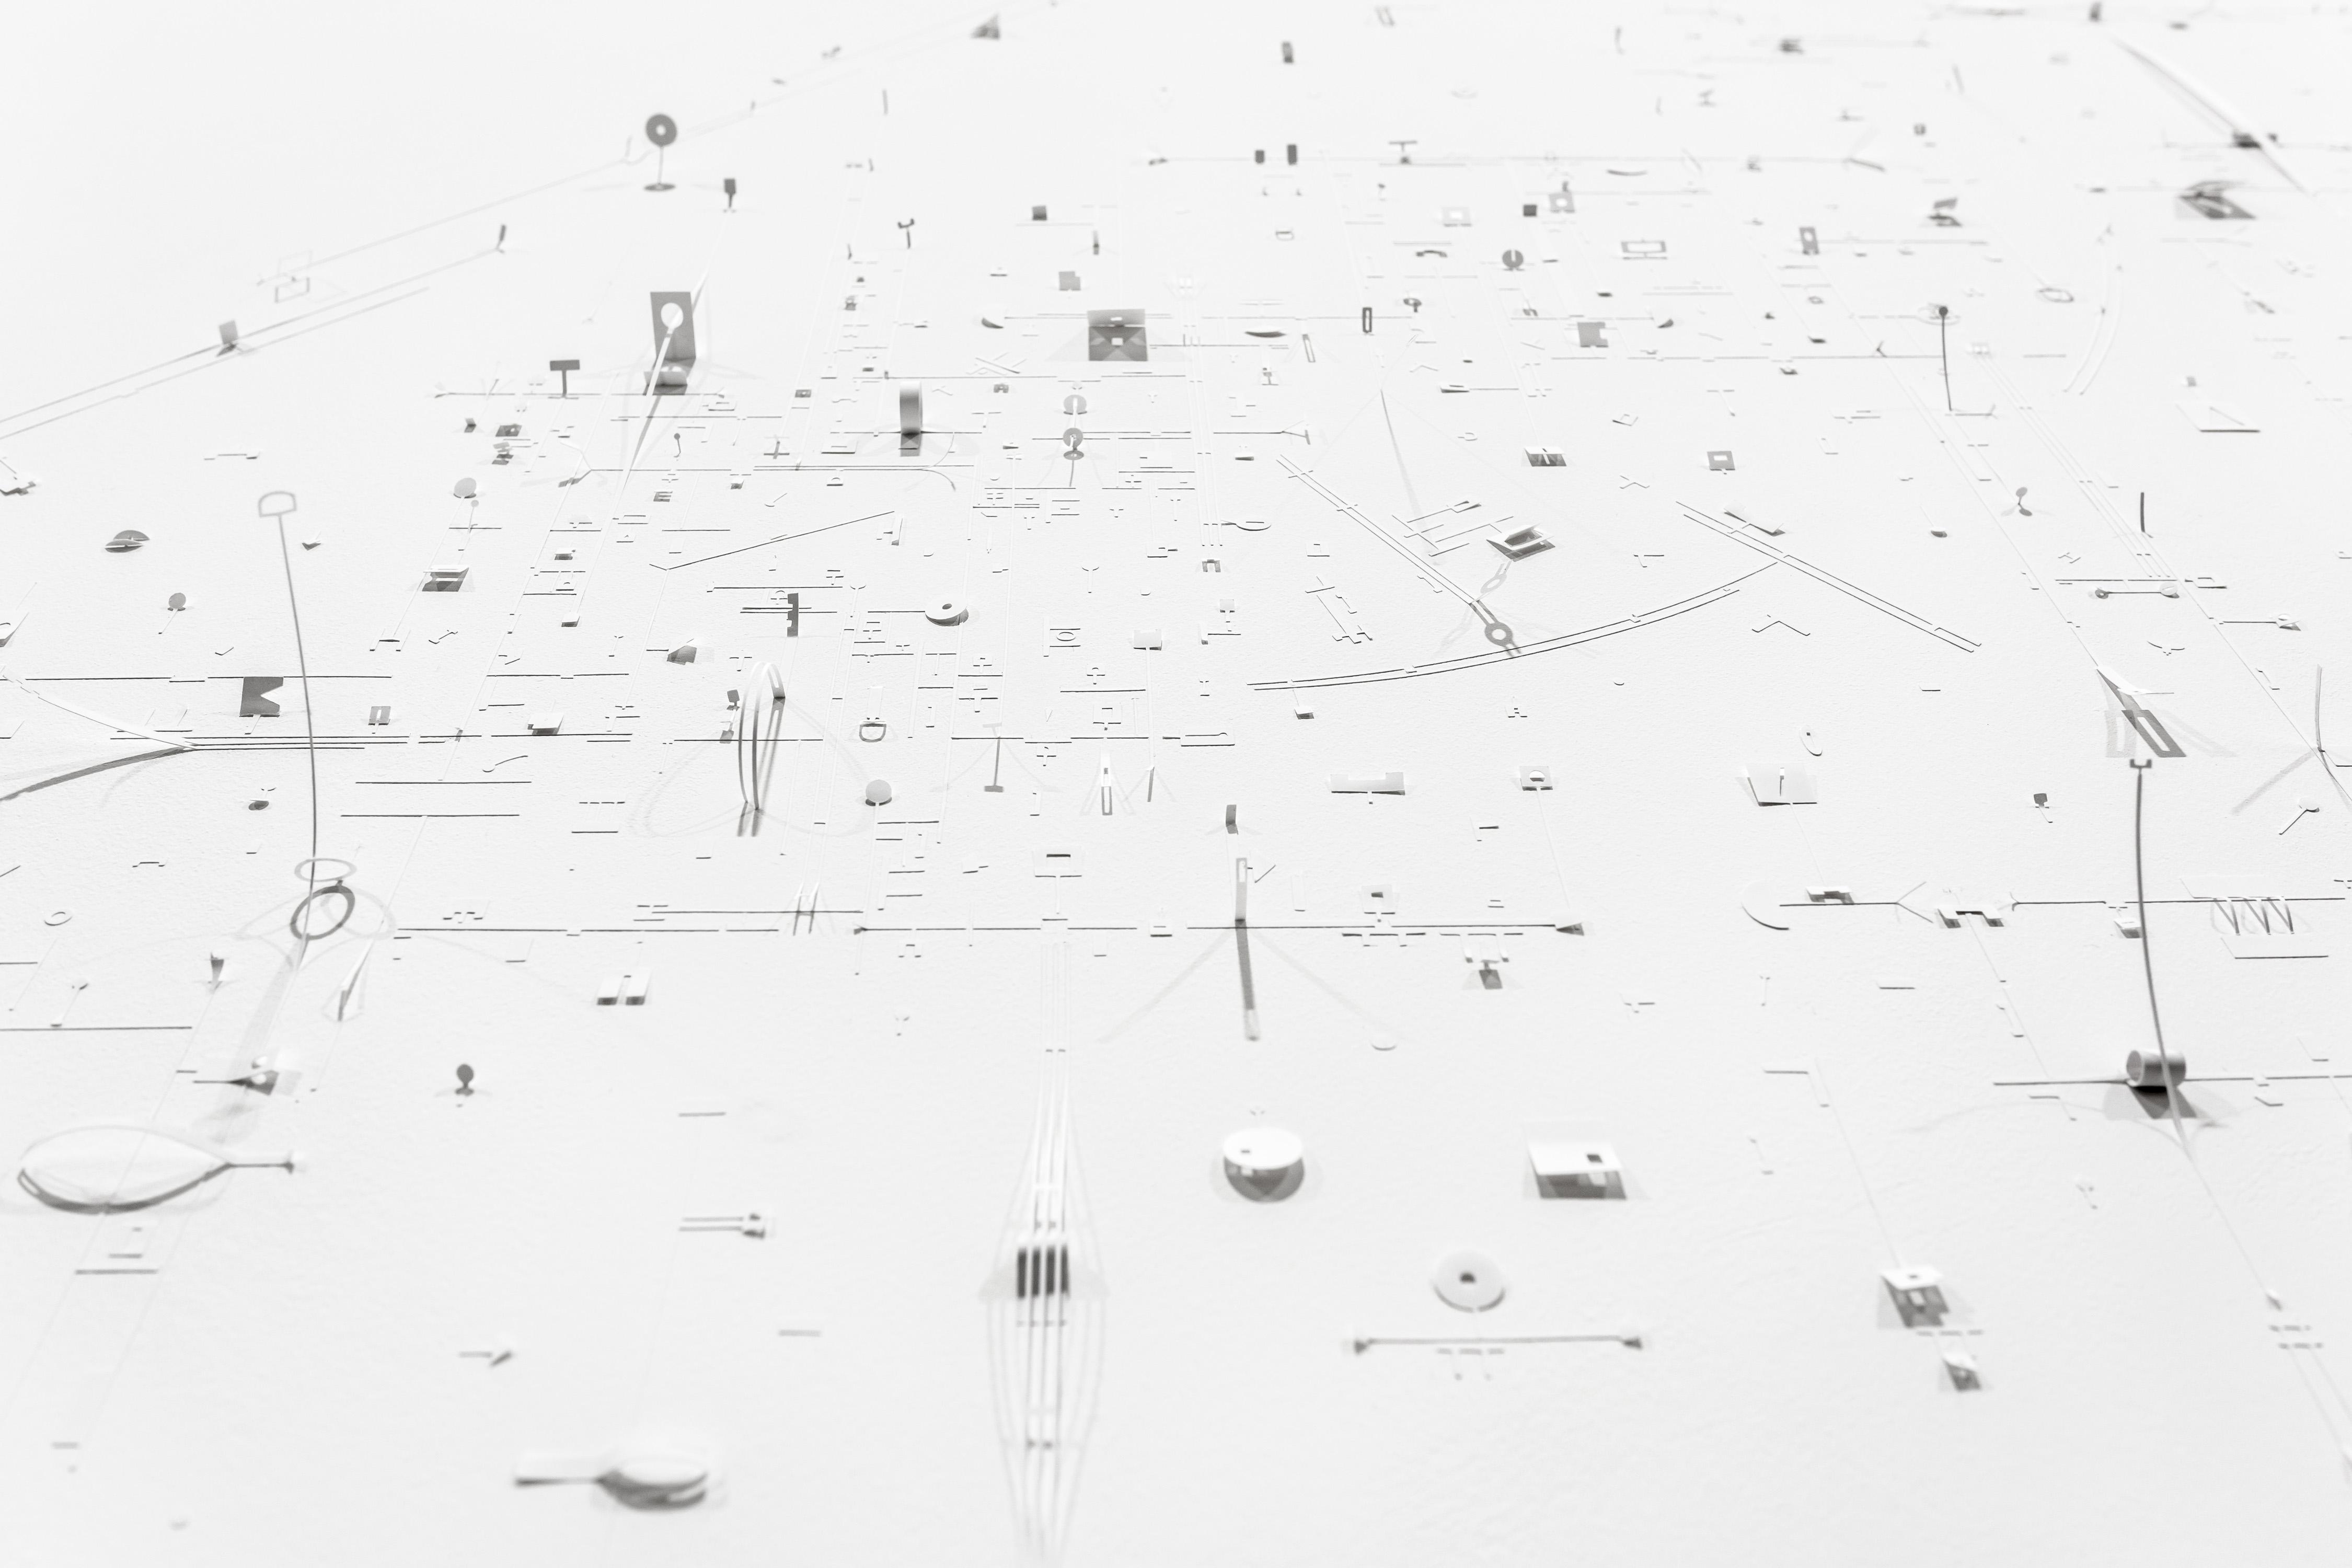 Nasher Sculpture Center Announces Paper into Sculpture Exhibition